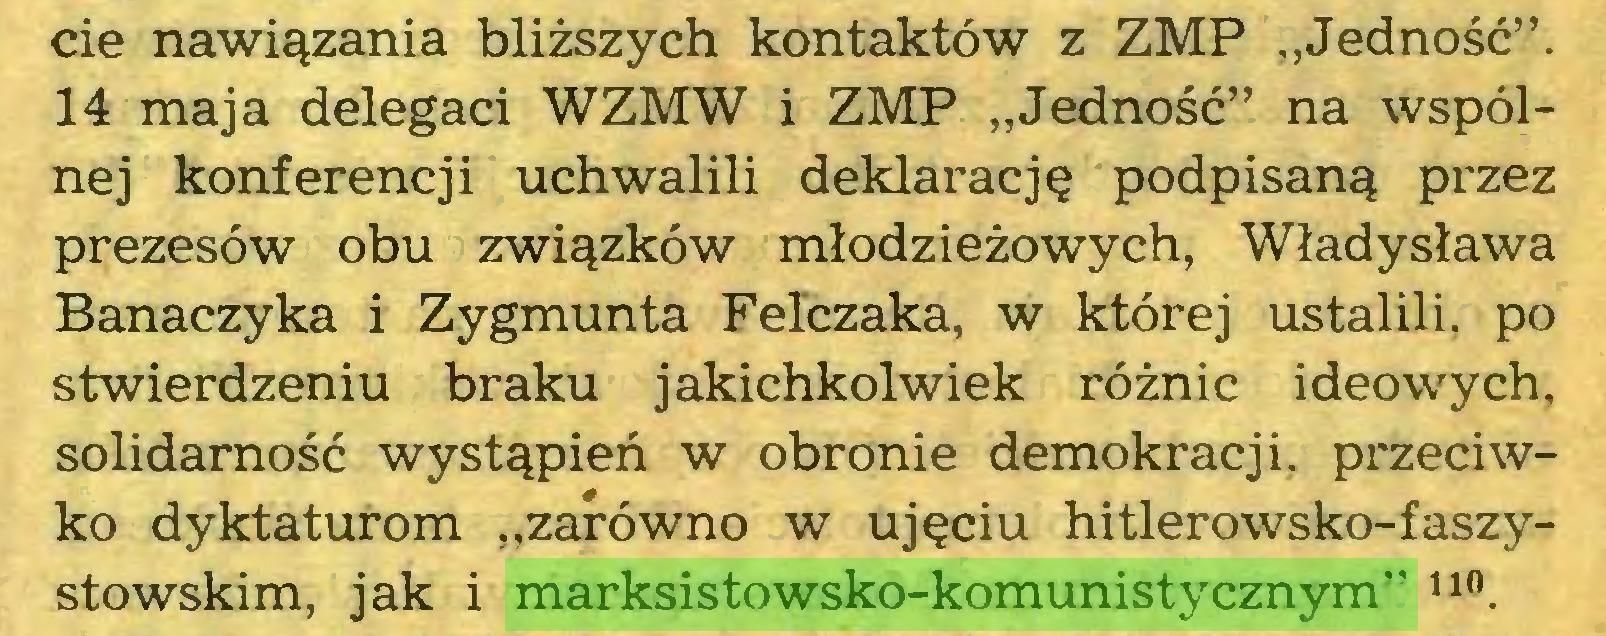 """(...) cie nawiązania bliższych kontaktów z ZMP """"Jedność"""". 14 maja delegaci WZMW i ZMP """"Jedność"""" na wspólnej konferencji uchwalili deklarację podpisaną przez prezesów obu związków młodzieżowych, Władysława Banaczyka i Zygmunta Felczaka, w której ustalili, po stwierdzeniu braku jakichkolwiek różnic ideowych, solidarność wystąpień w obronie demokracji, przeciwko dyktaturom """"zarówno w ujęciu hitlerowsko-faszystowskim, jak i marksistowsko-komunistycznym"""" n0..."""